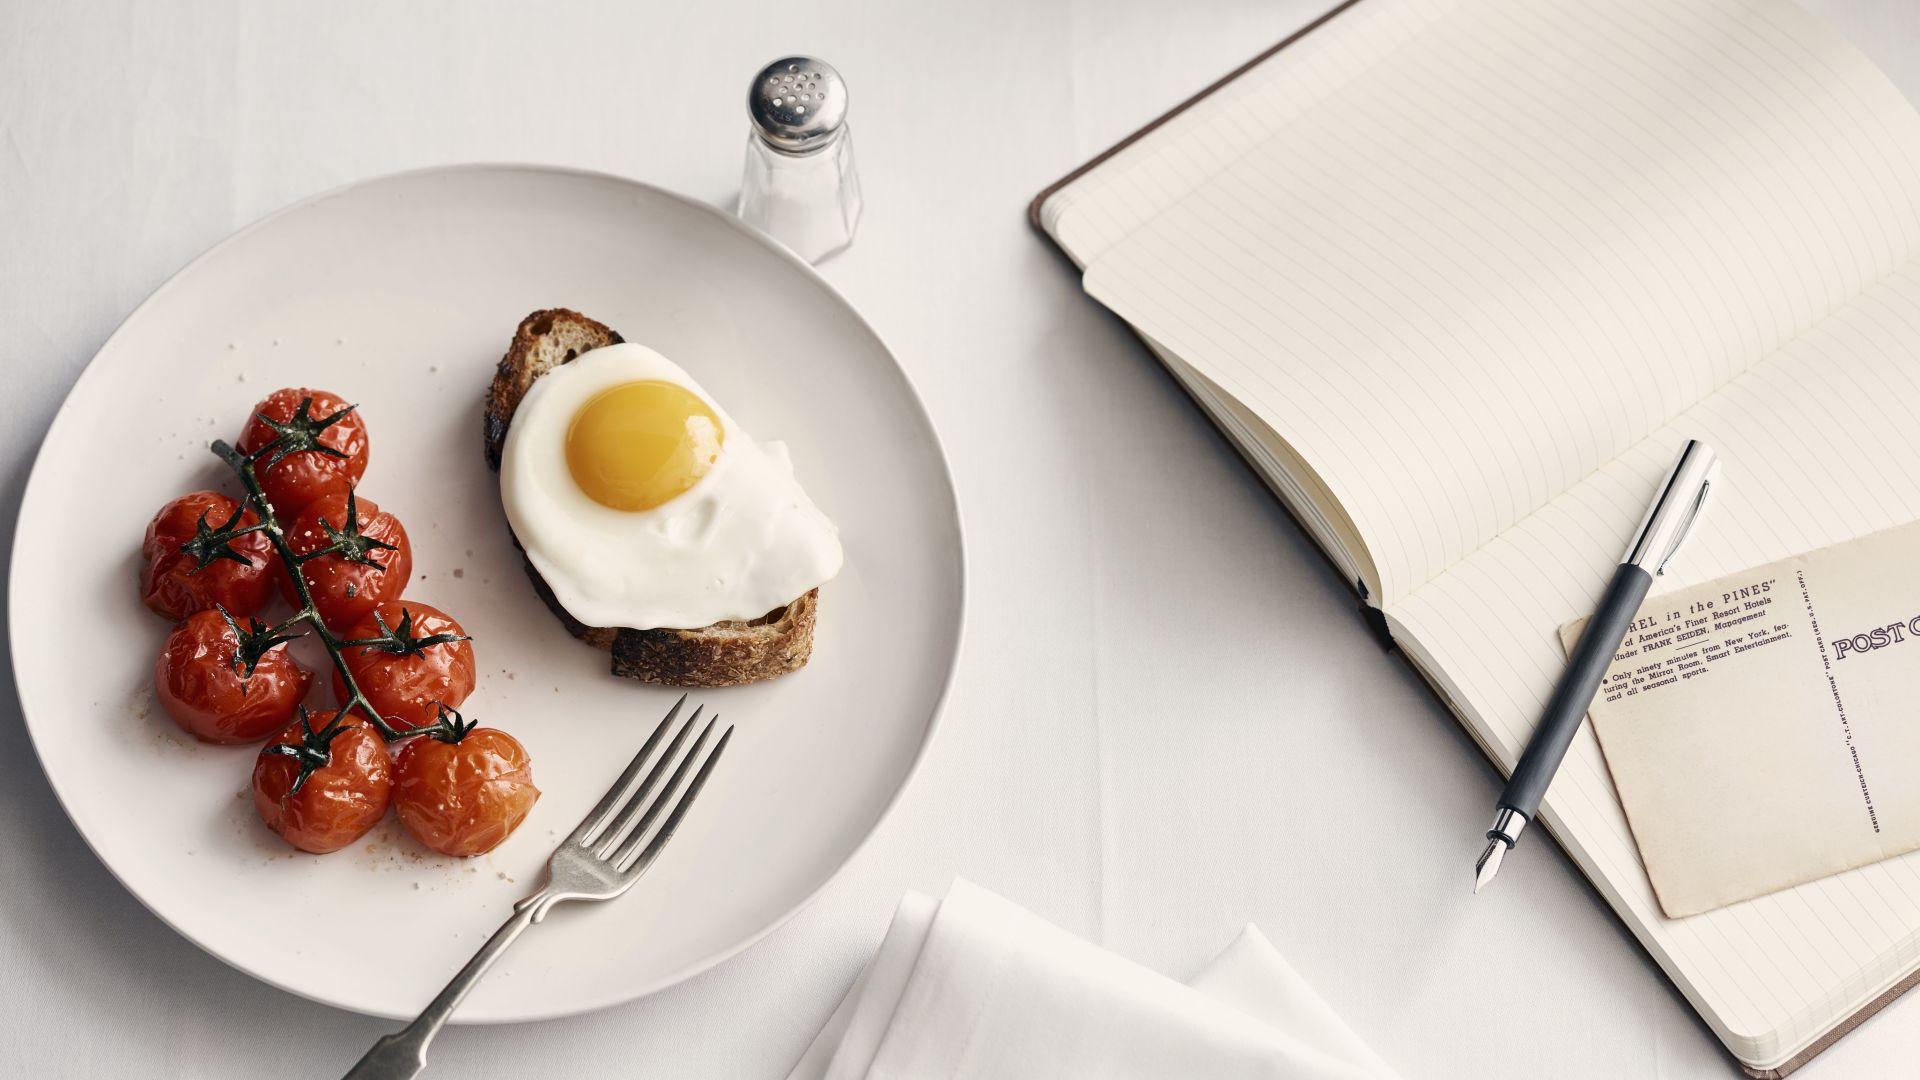 <strong>Acorde e aproveite|Aproveite um crédito diário para café da manhã com a sua estadia</strong>|Sem preocupação com local para estacionar|Reservar